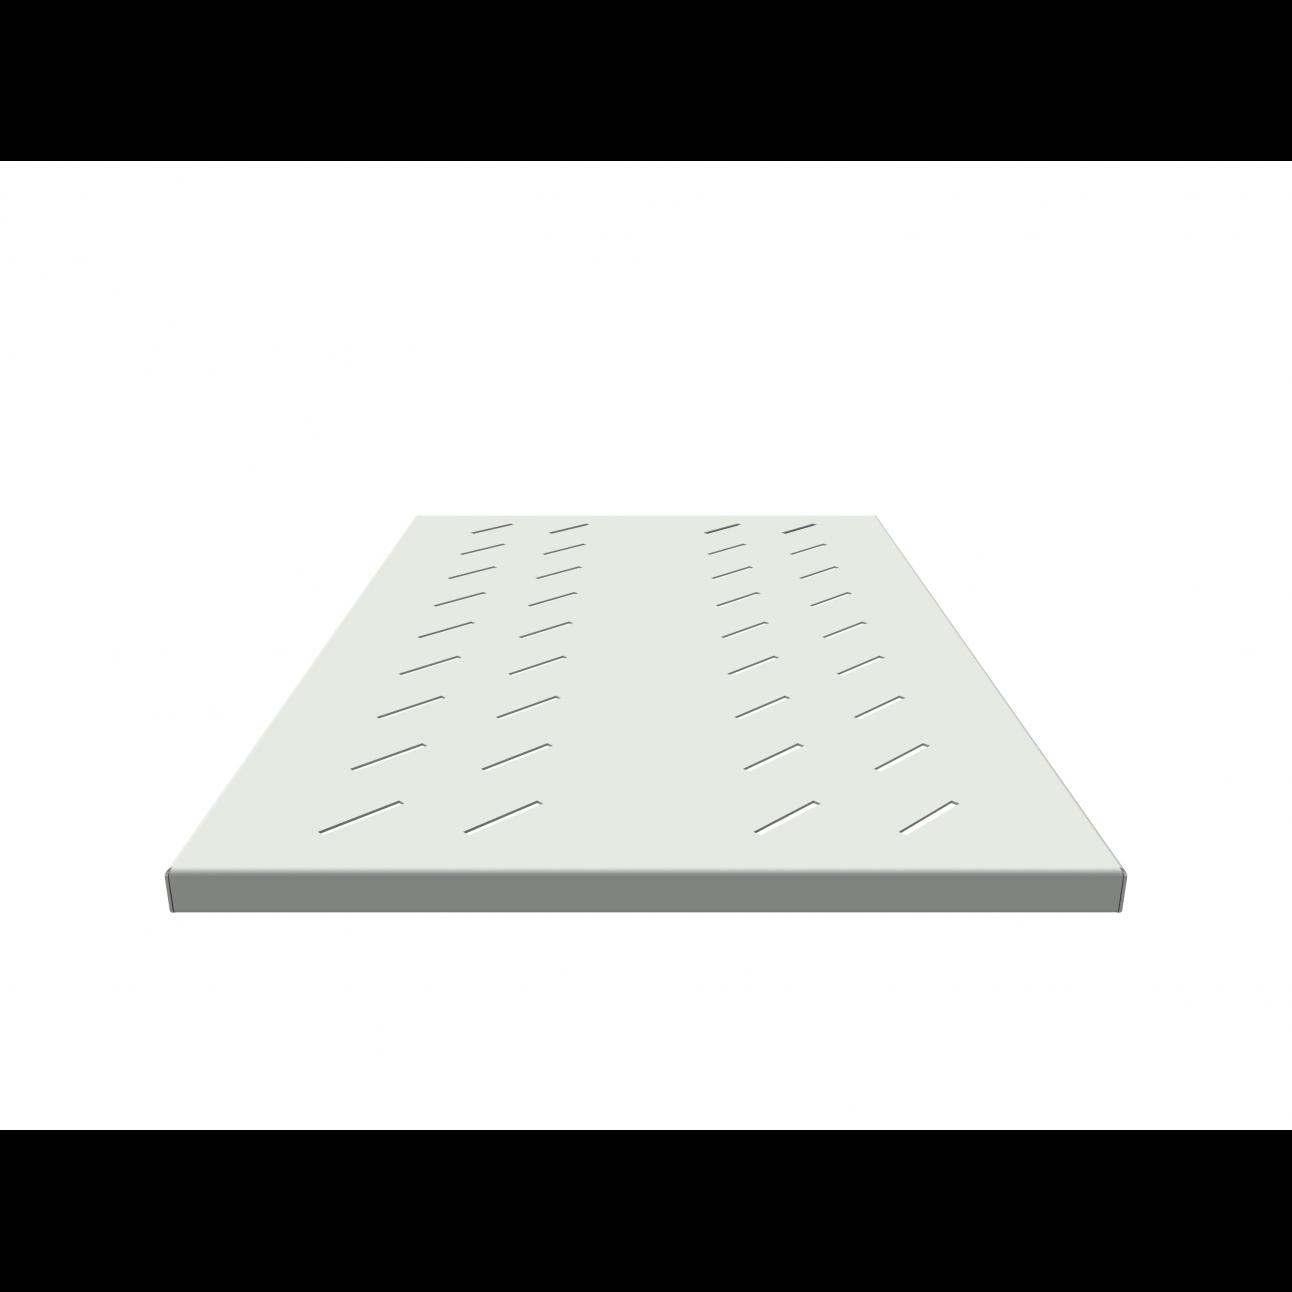 Полка стационарная усиленная для шкафов глубиной 1000мм, (глубина полки 710мм) распределенная нагрузка 250кг, цвет-серый (SNR-SHELF-10071-250G)